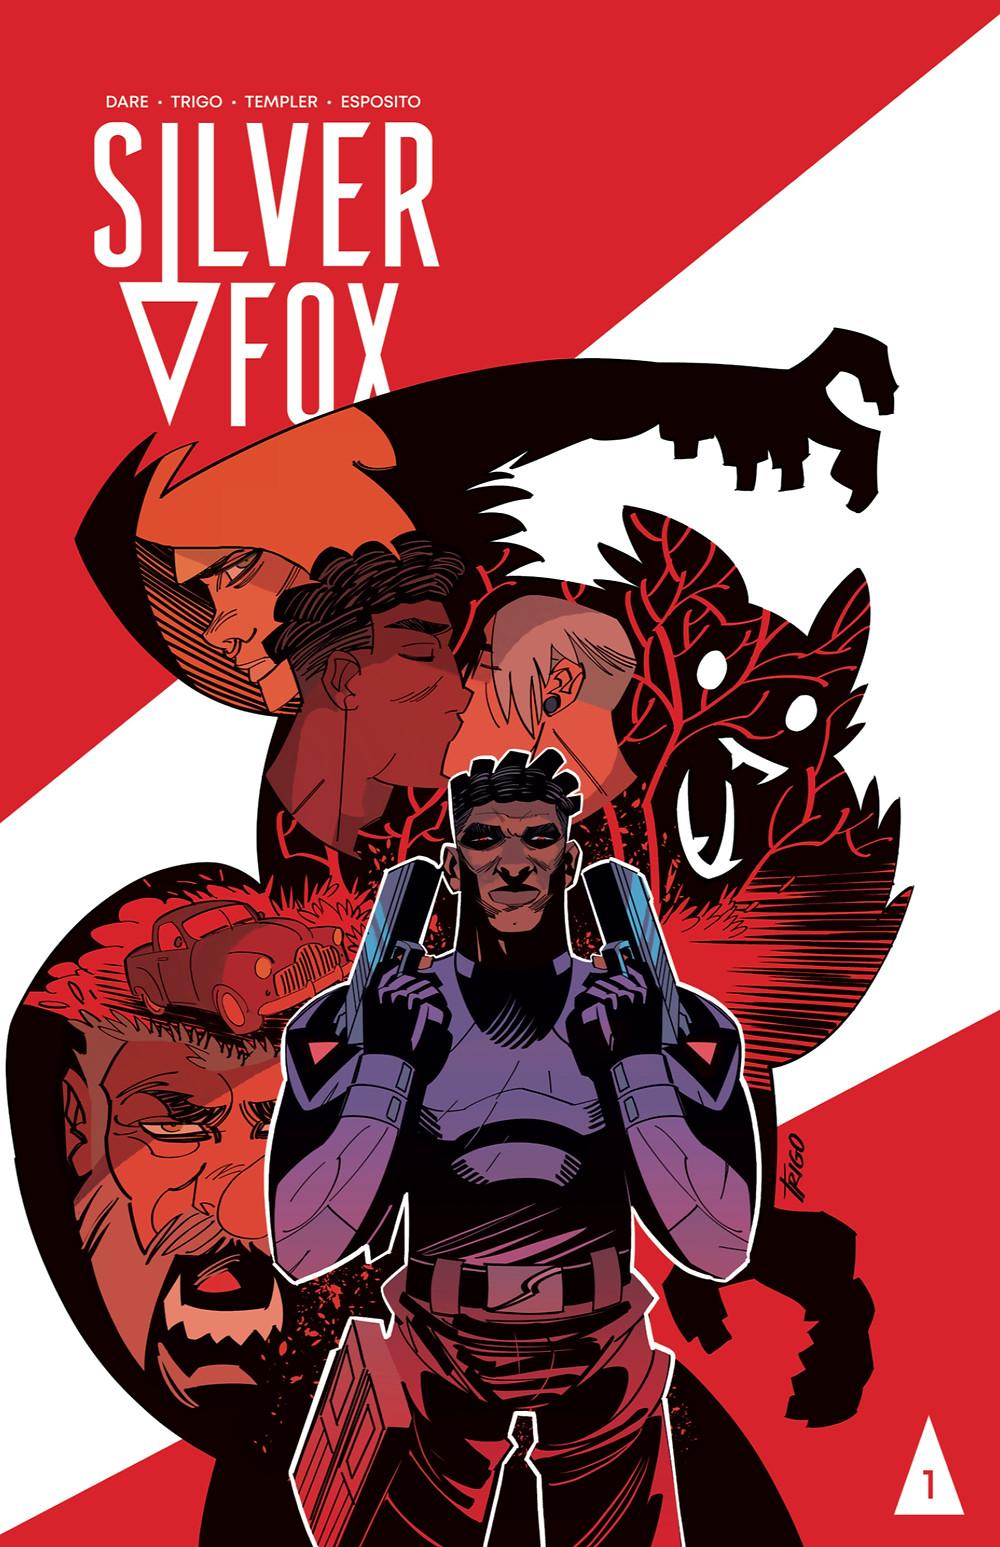 Silver Fox #1, cover, self-published, Dare/Trigo